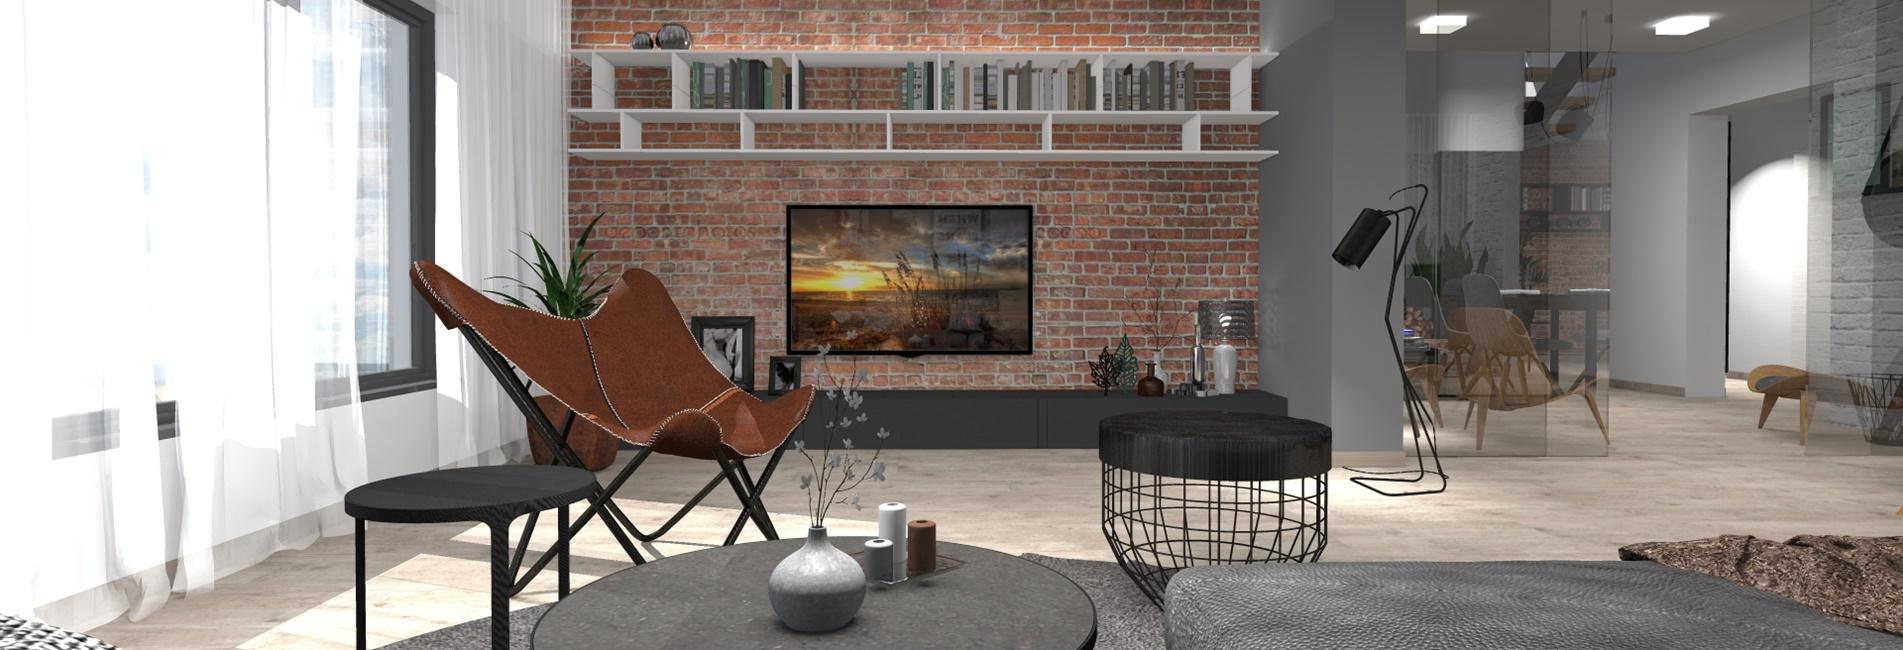 Návrhy interiérů a projekty